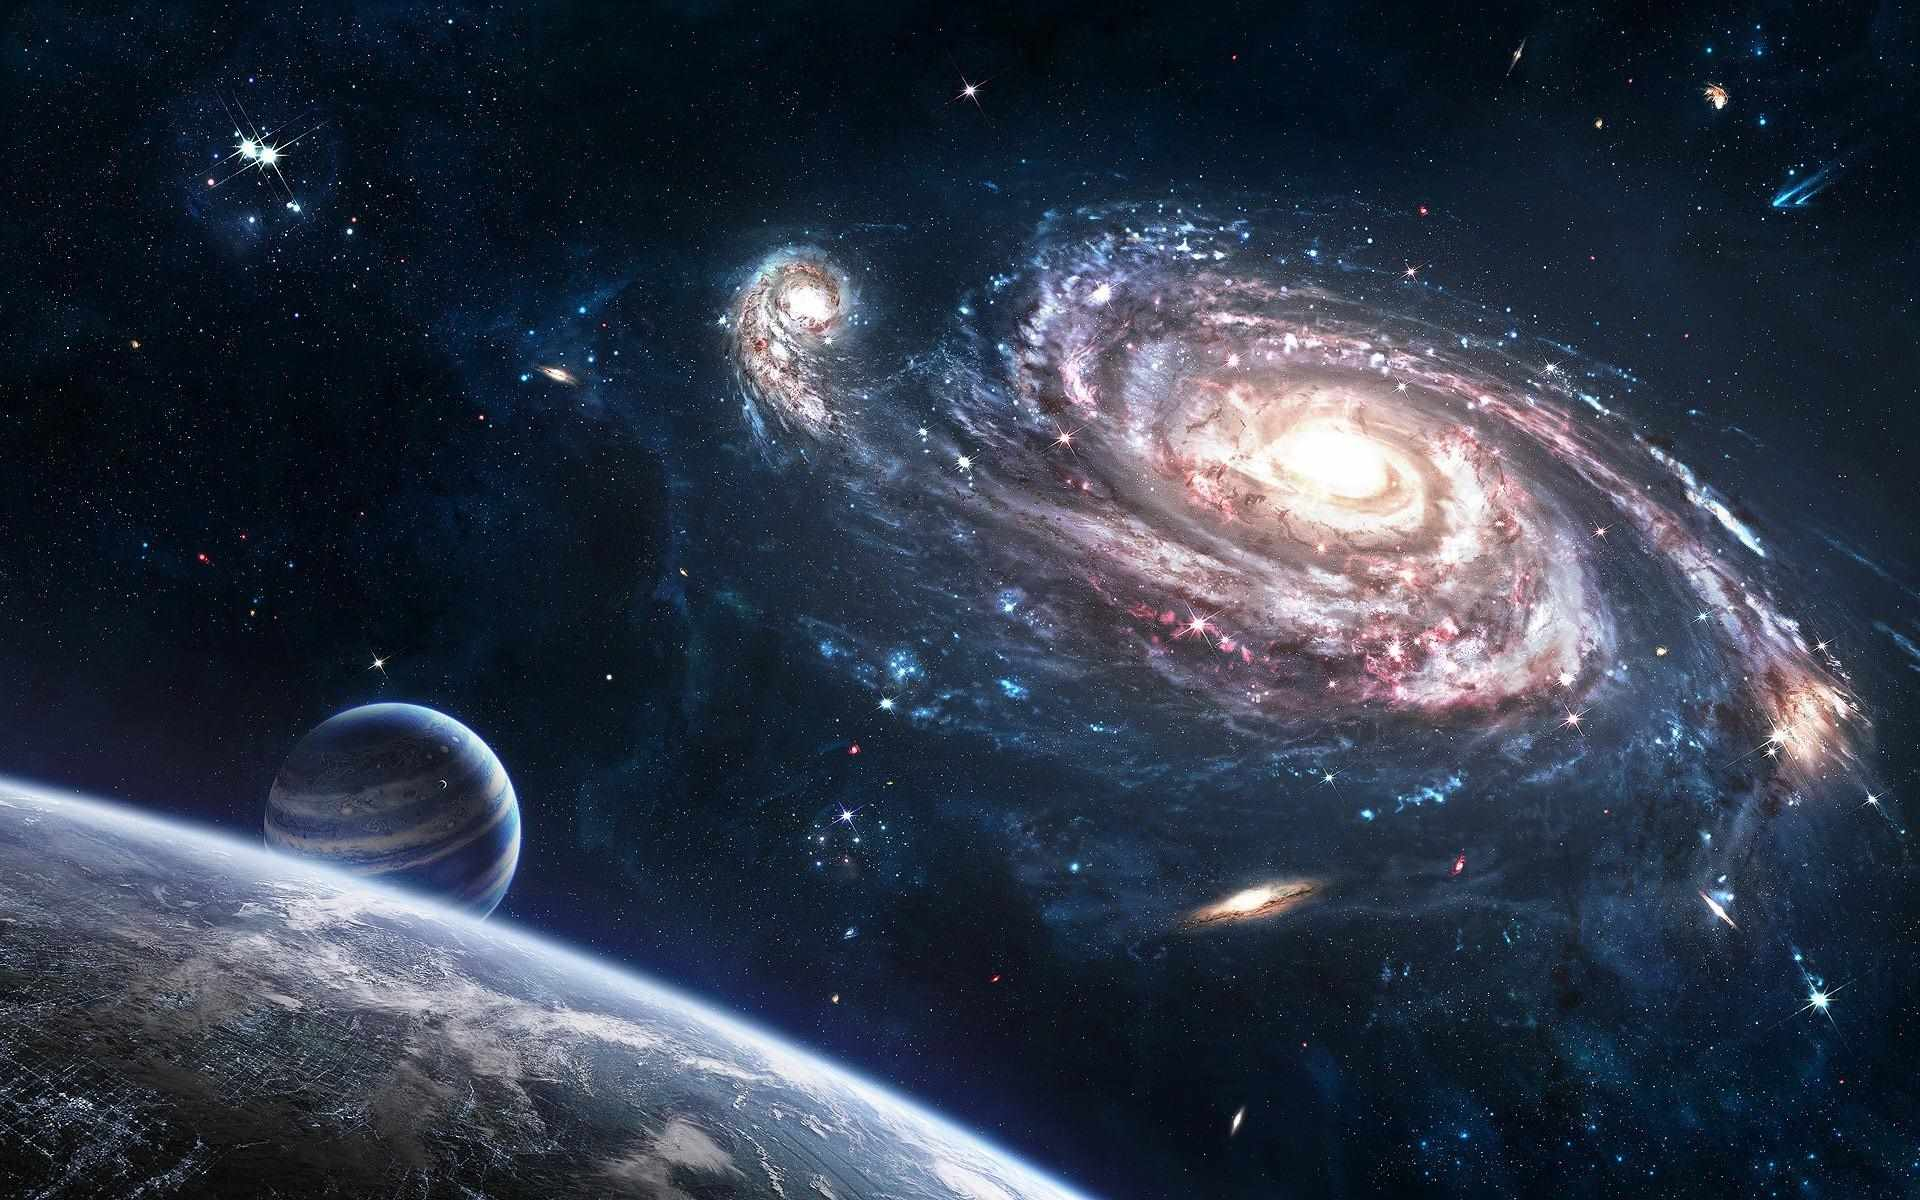 Скачать картинки космоса красивые для срисовки 04